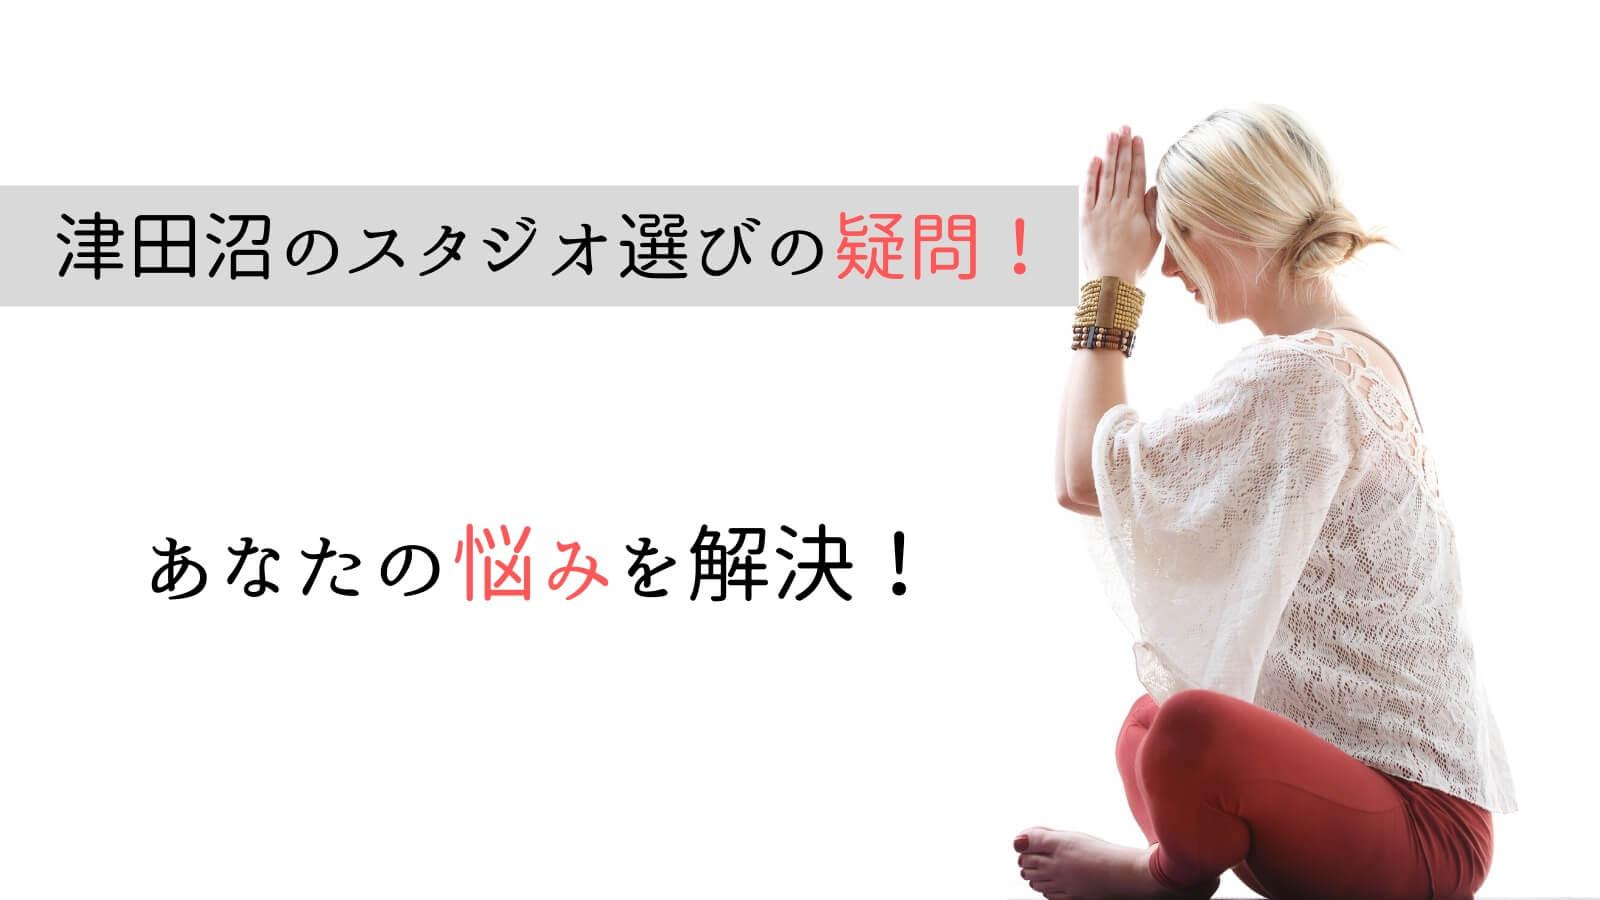 津田沼でのヨガ・ピラティススタジオ選びに関するQ&A